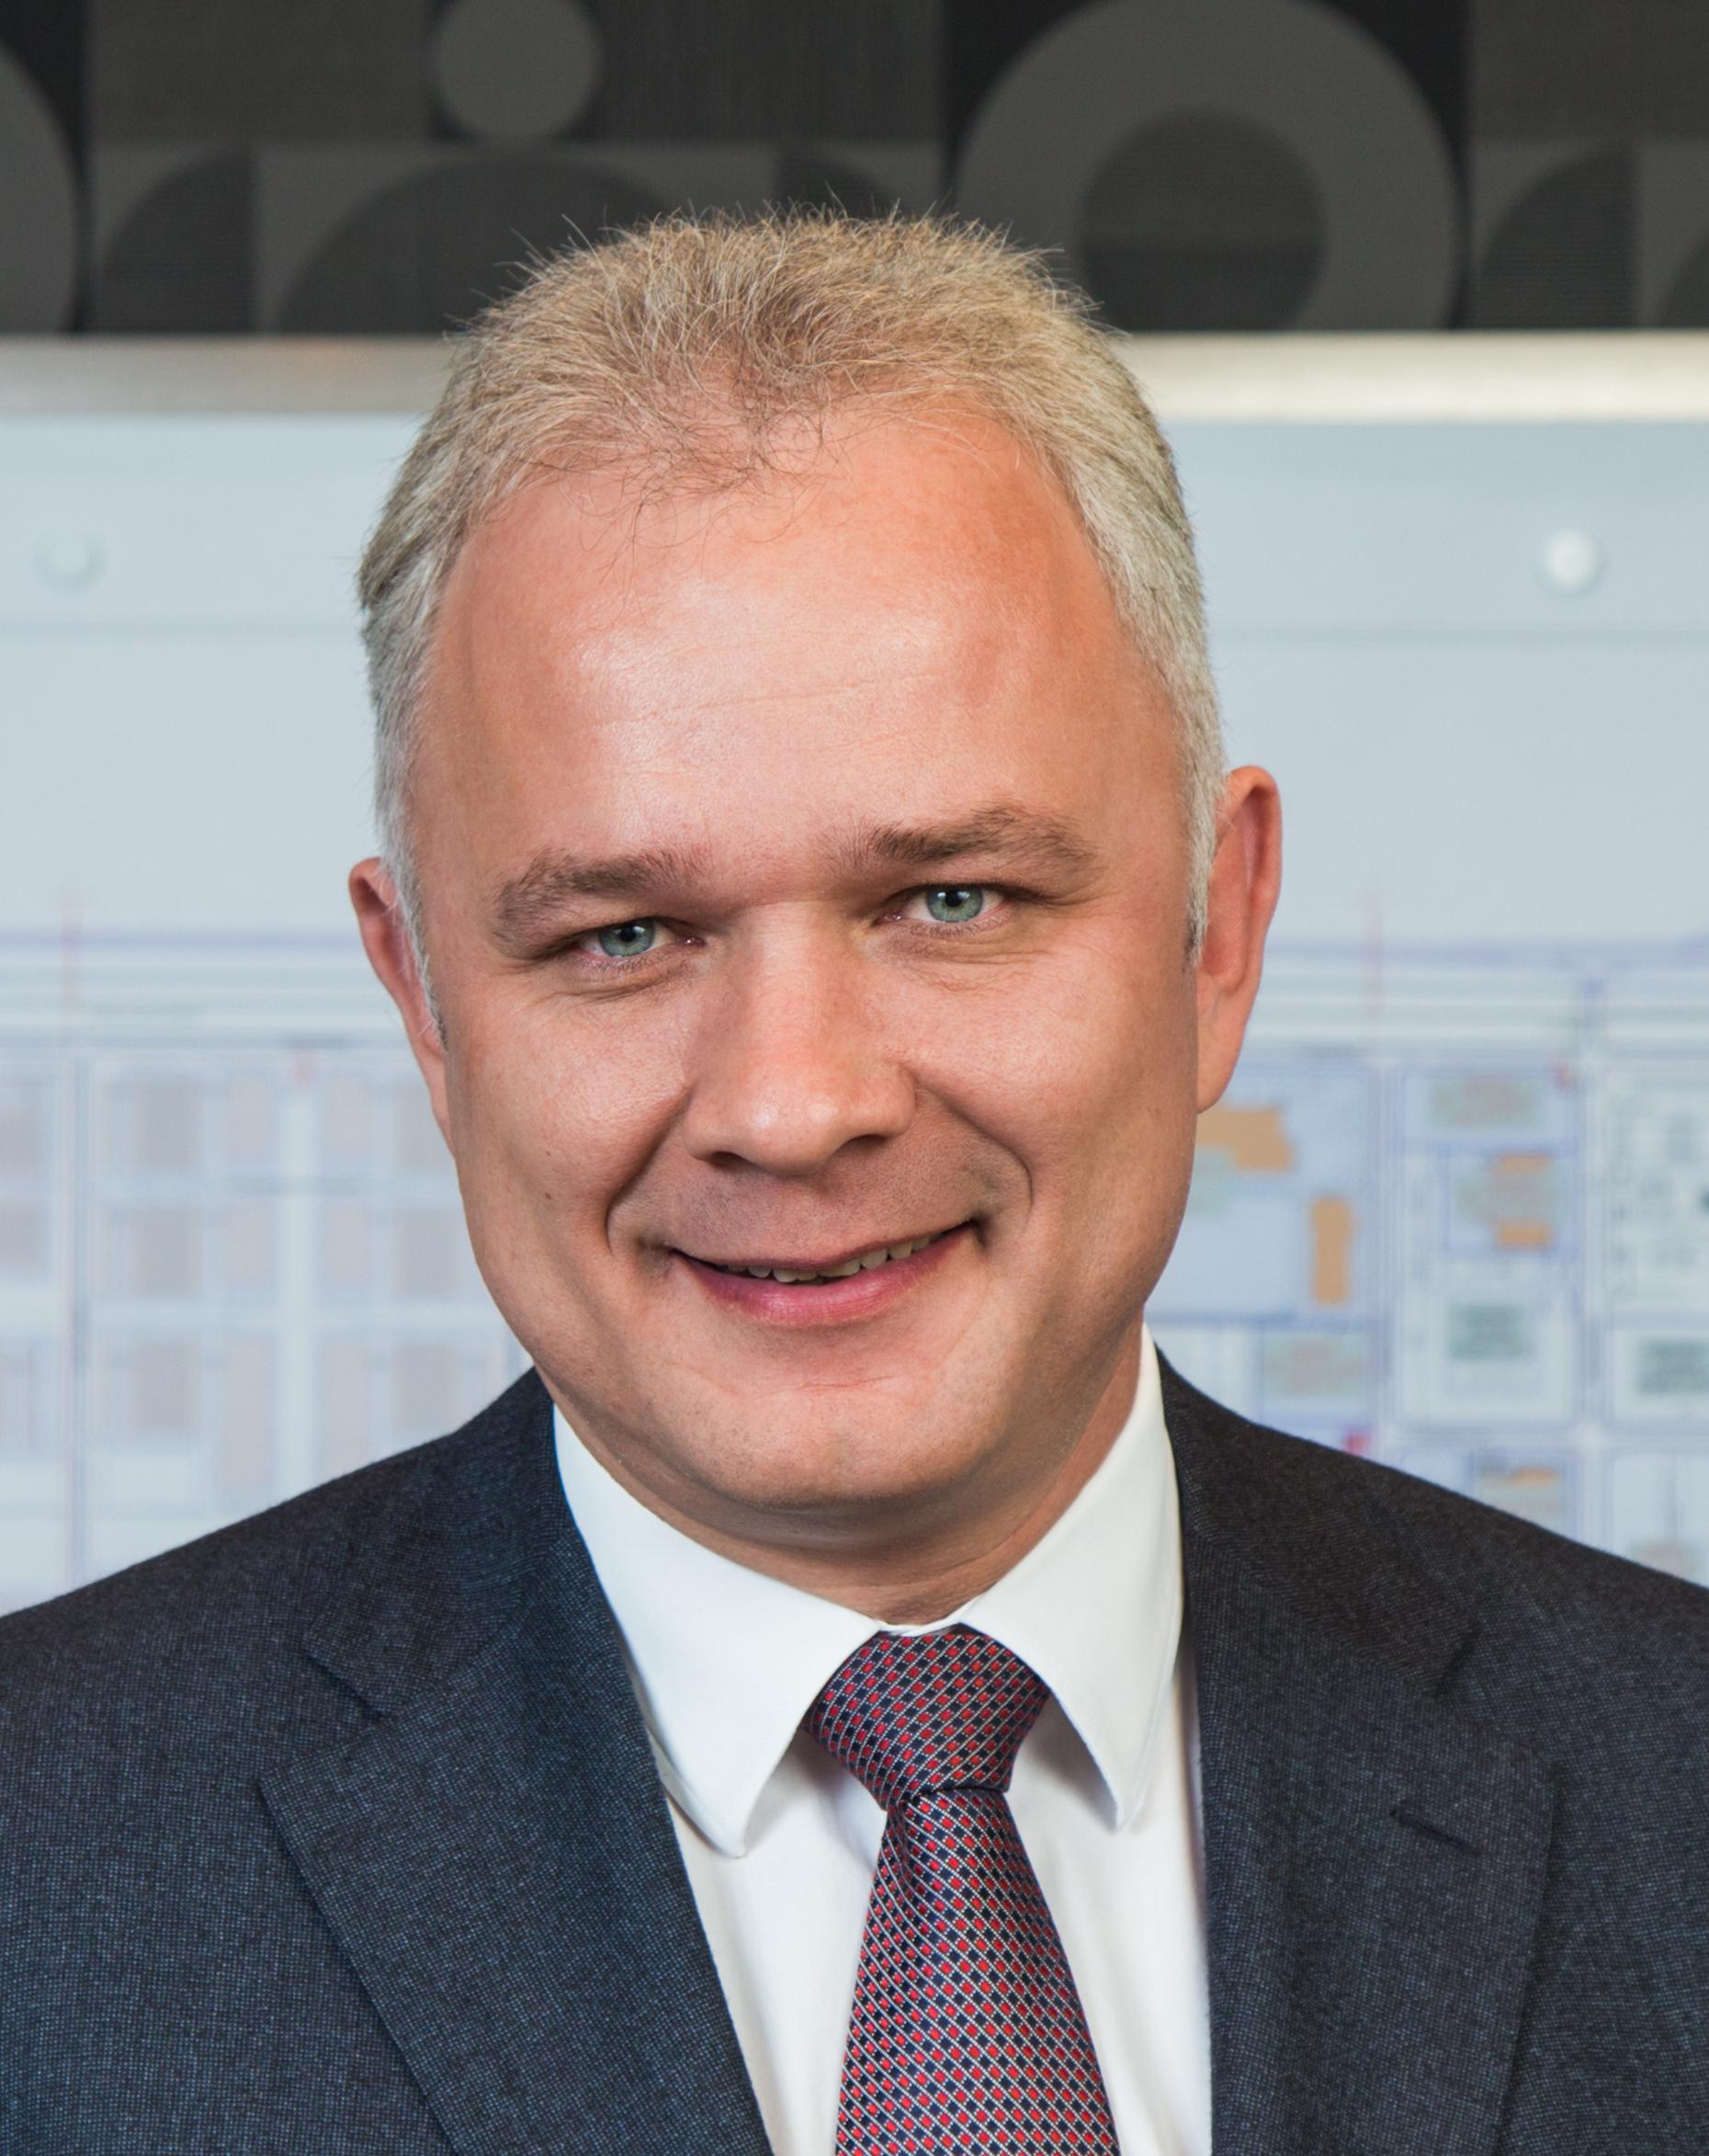 Алексей Пахоменко, генеральный директор АО «ОЭЗ ППТ «Тольятти» («АВТОСТАТ»)